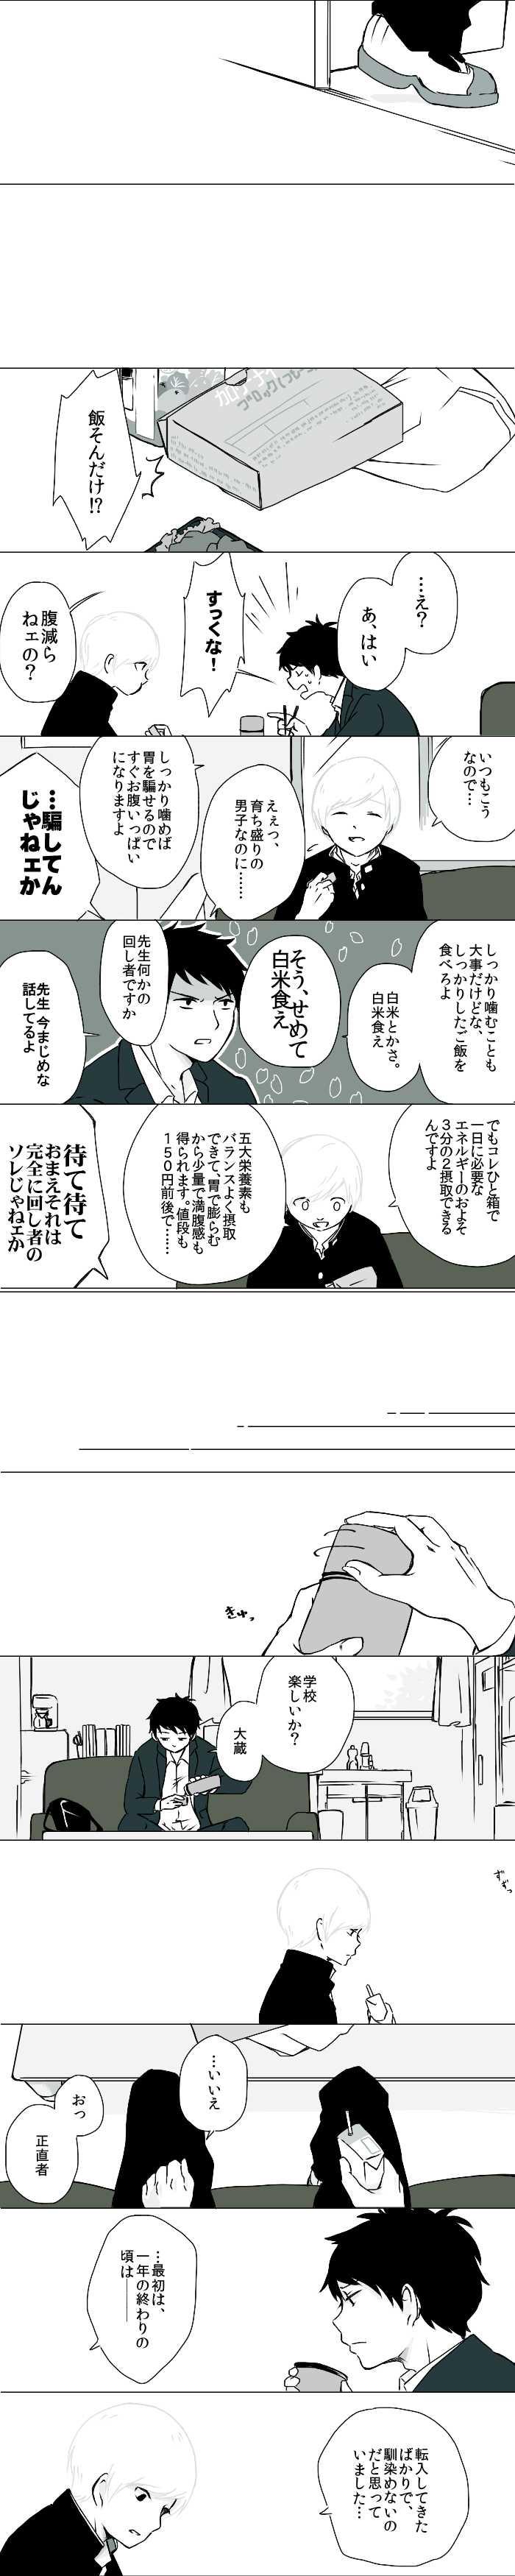 03. 甘くない男